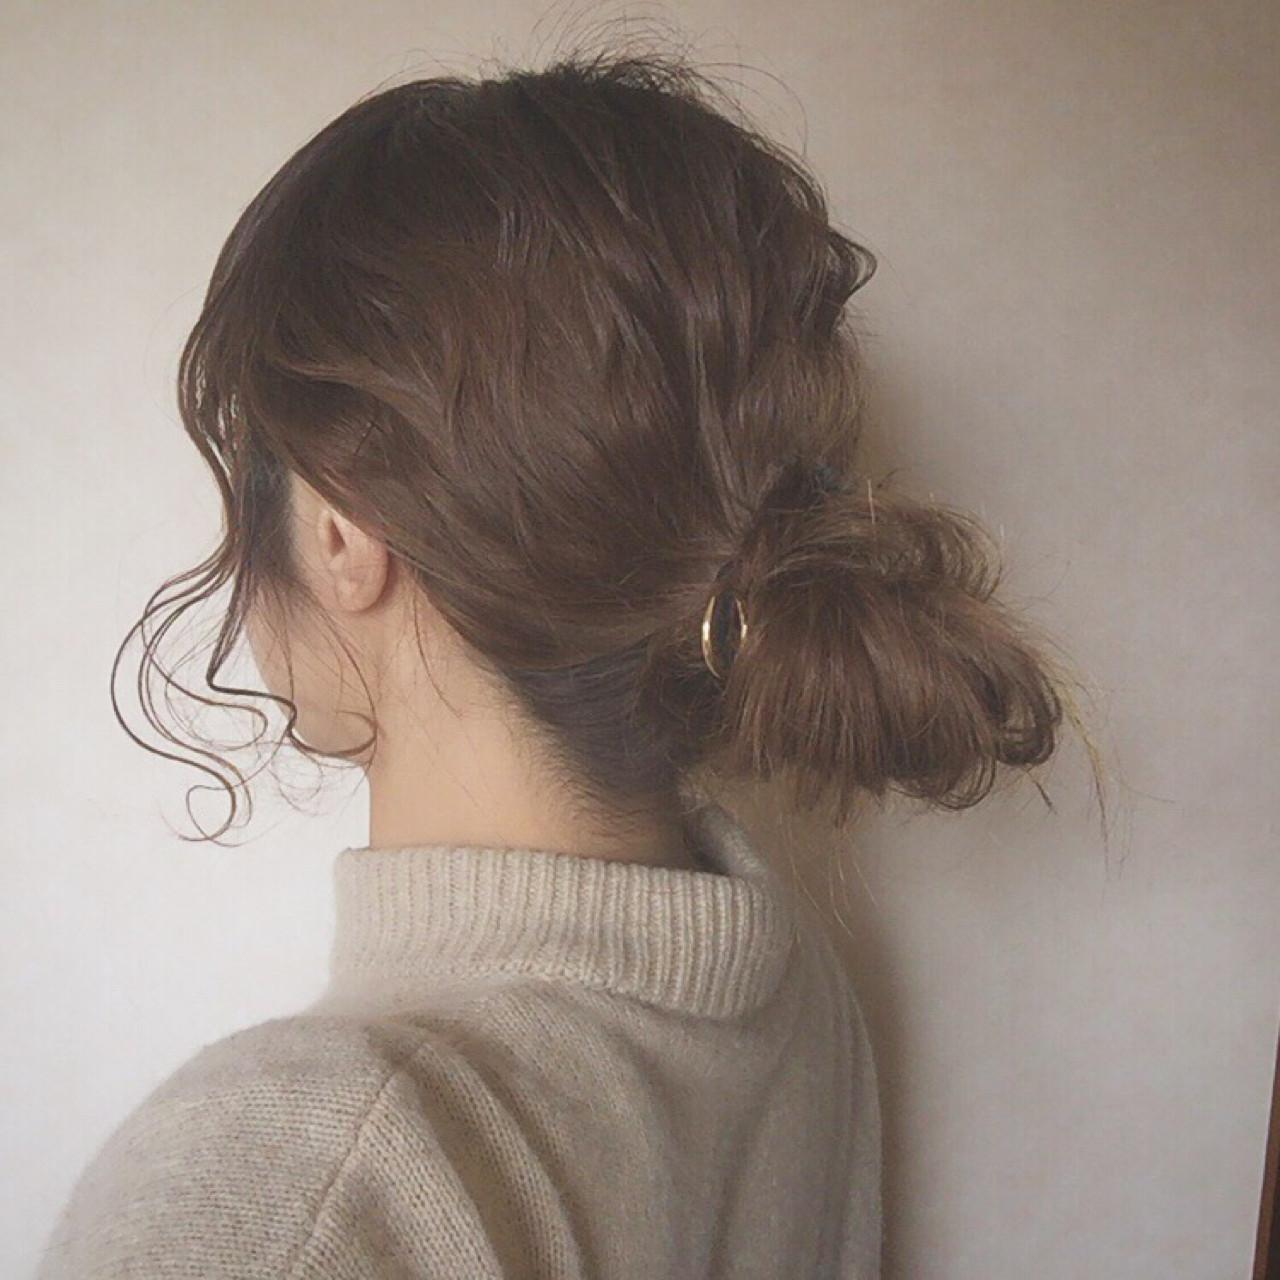 ナチュラル お団子 ヘアアレンジ 大人かわいい ヘアスタイルや髪型の写真・画像